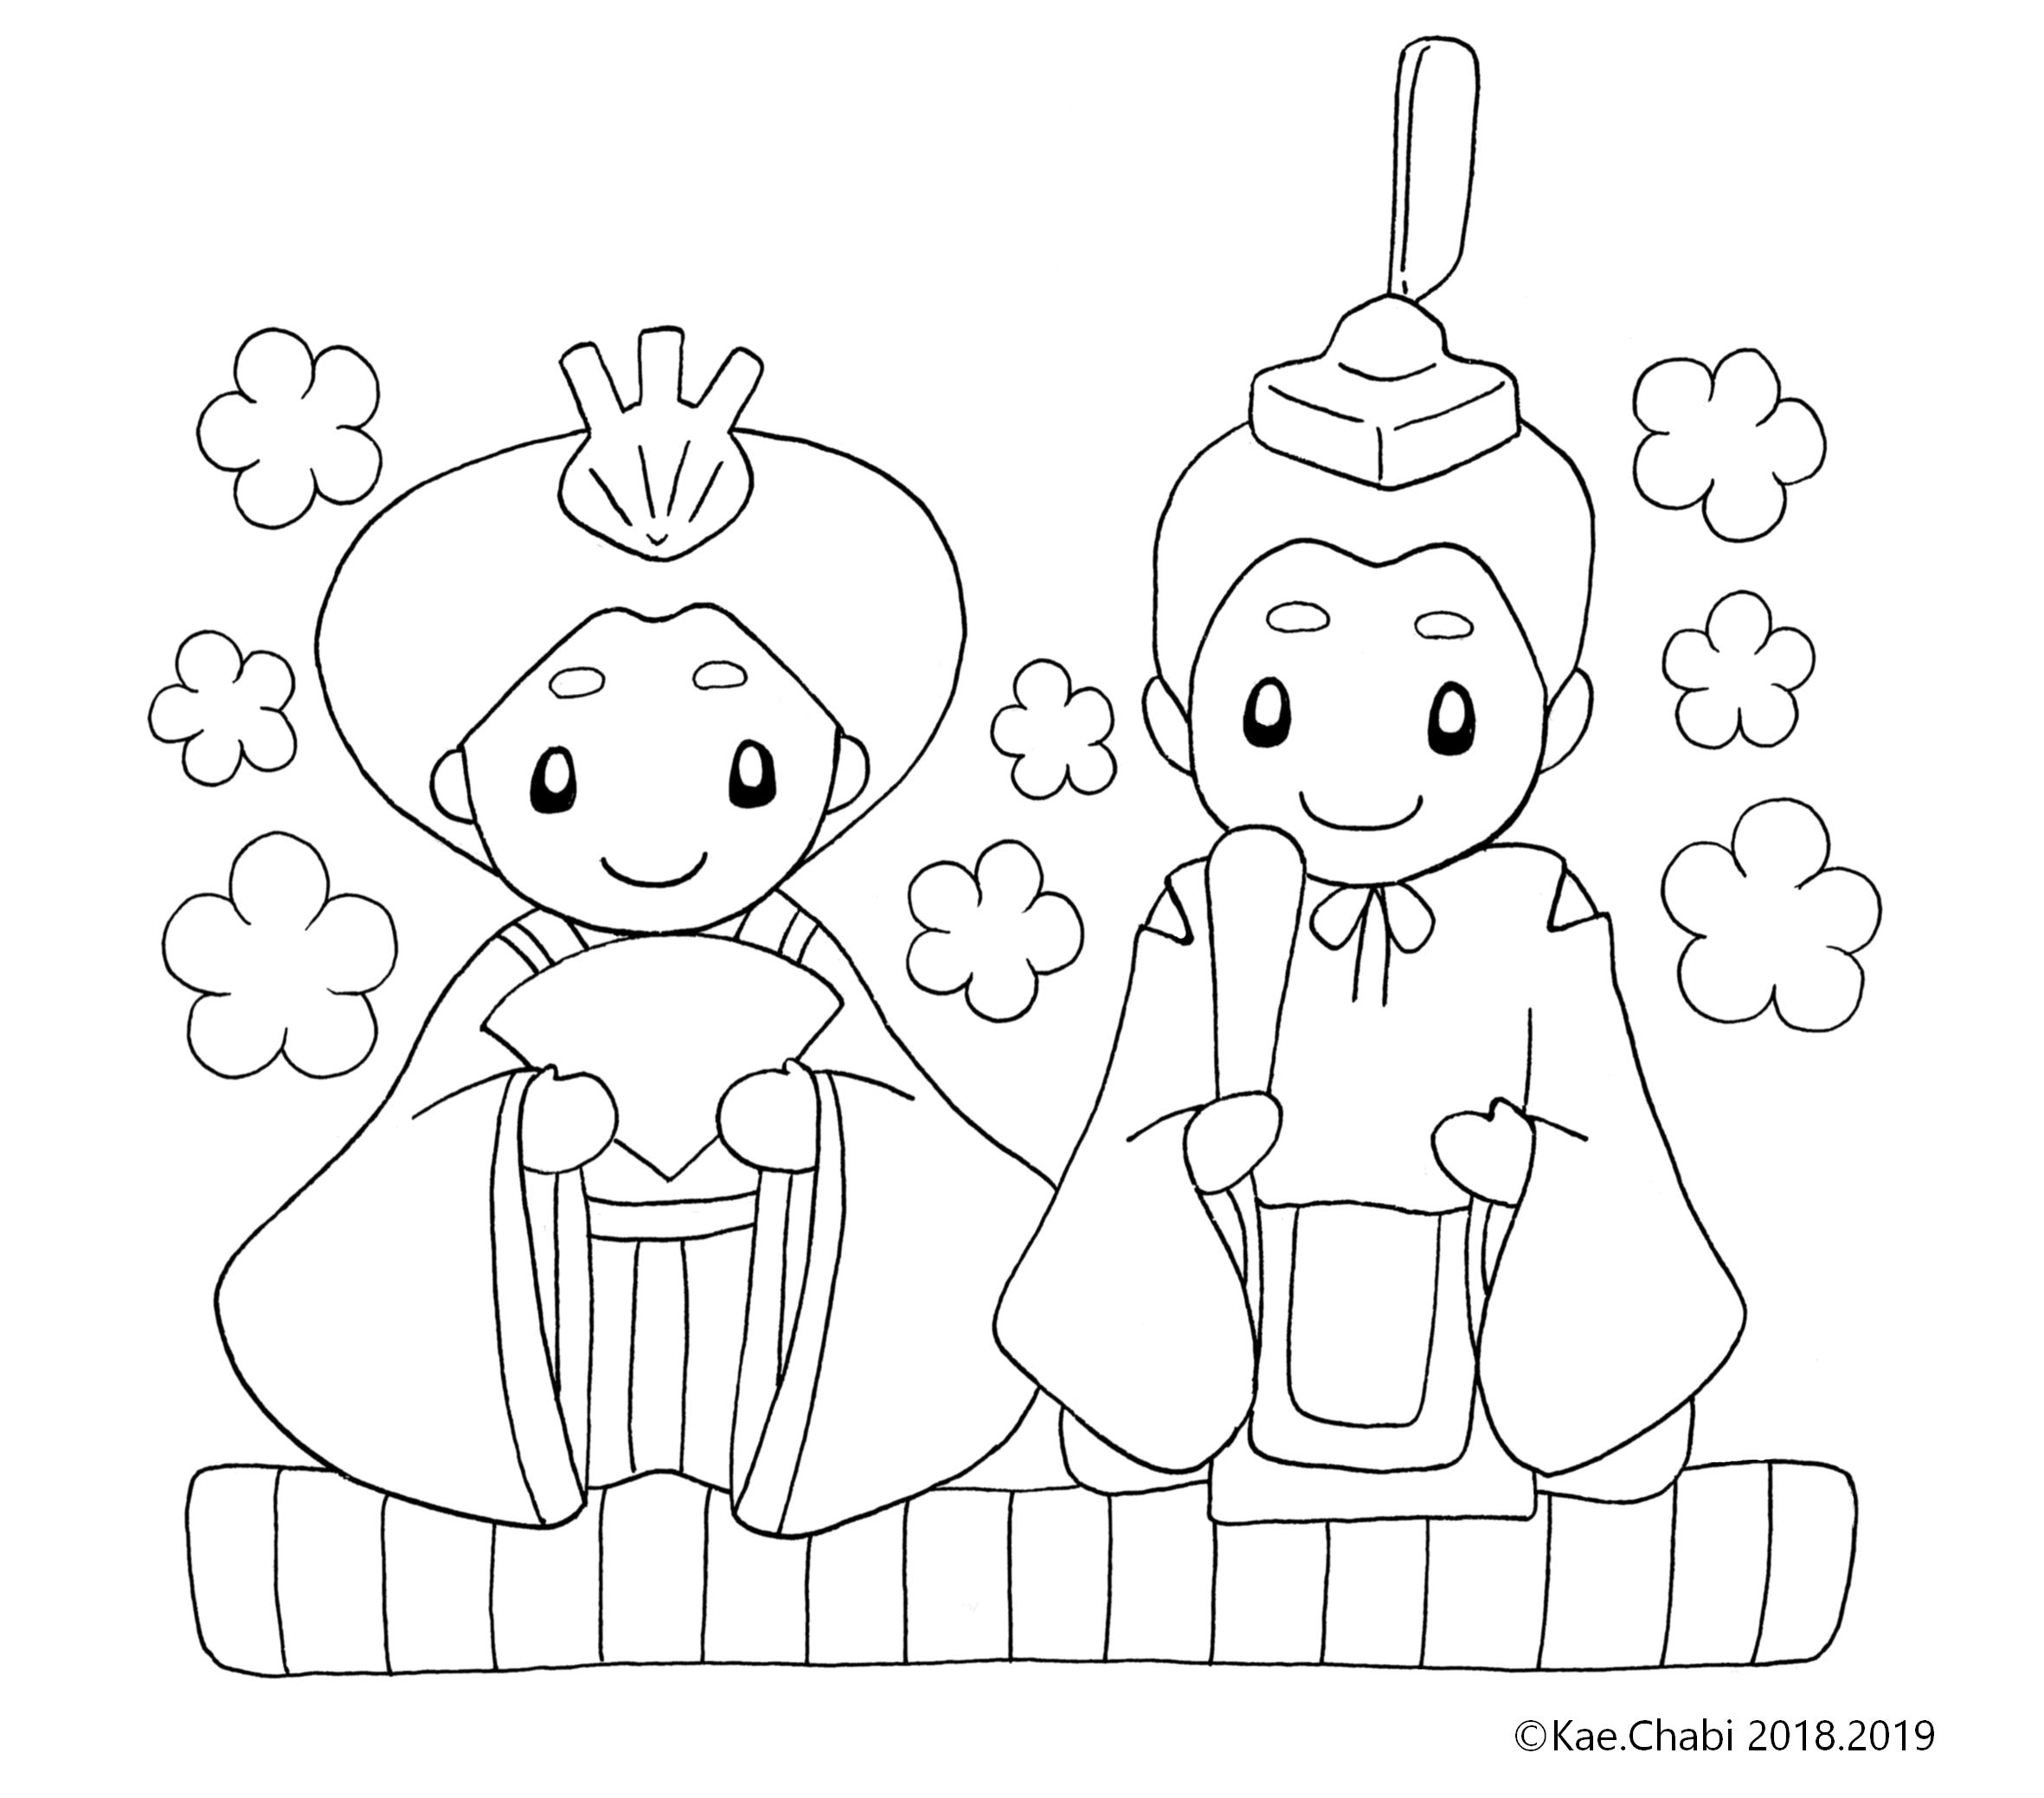 ひな祭りぬりえ かんたん 3月3日 桃の節句 親王飾り おひなさまとお内裏様 桃の花 大人の塗り絵 かえちゃびのぬりえカレンダー